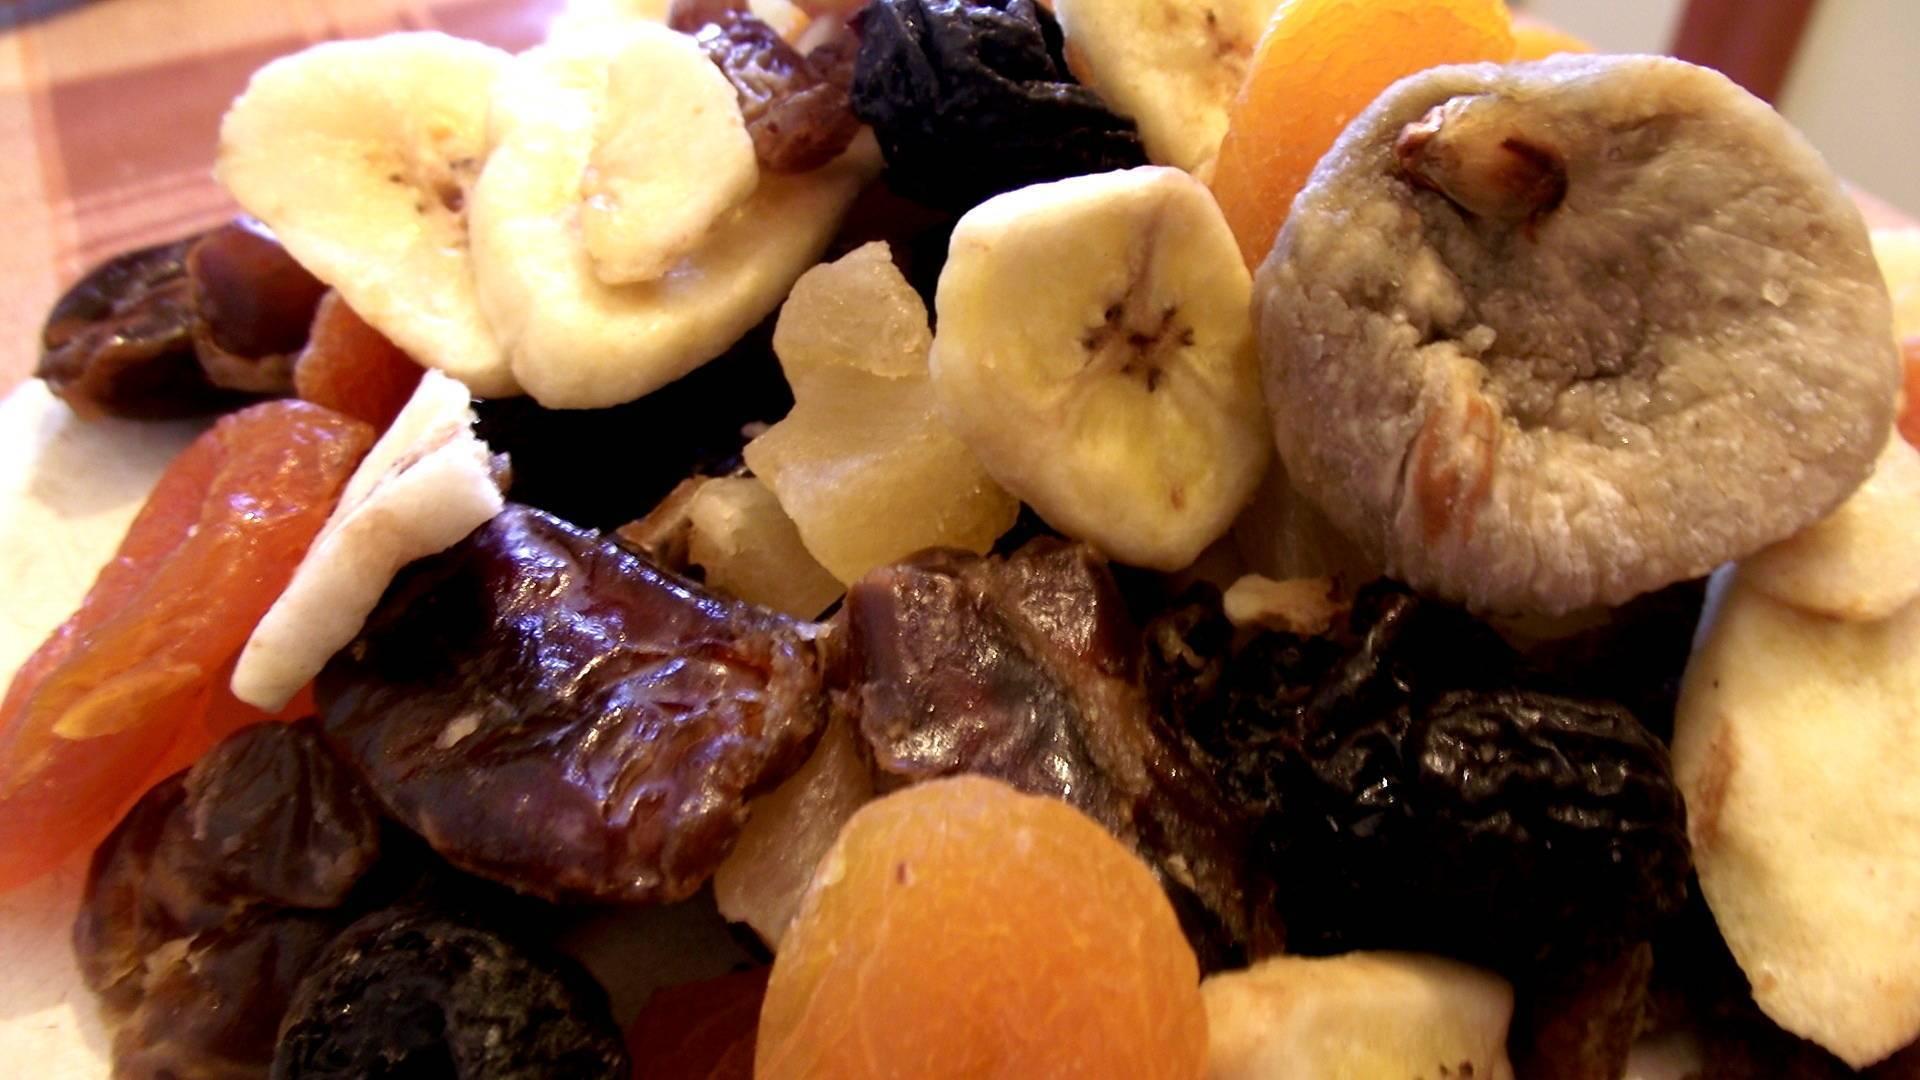 Компот при грудном вскармливании: из сухофруктов, вишневый - можно ли?